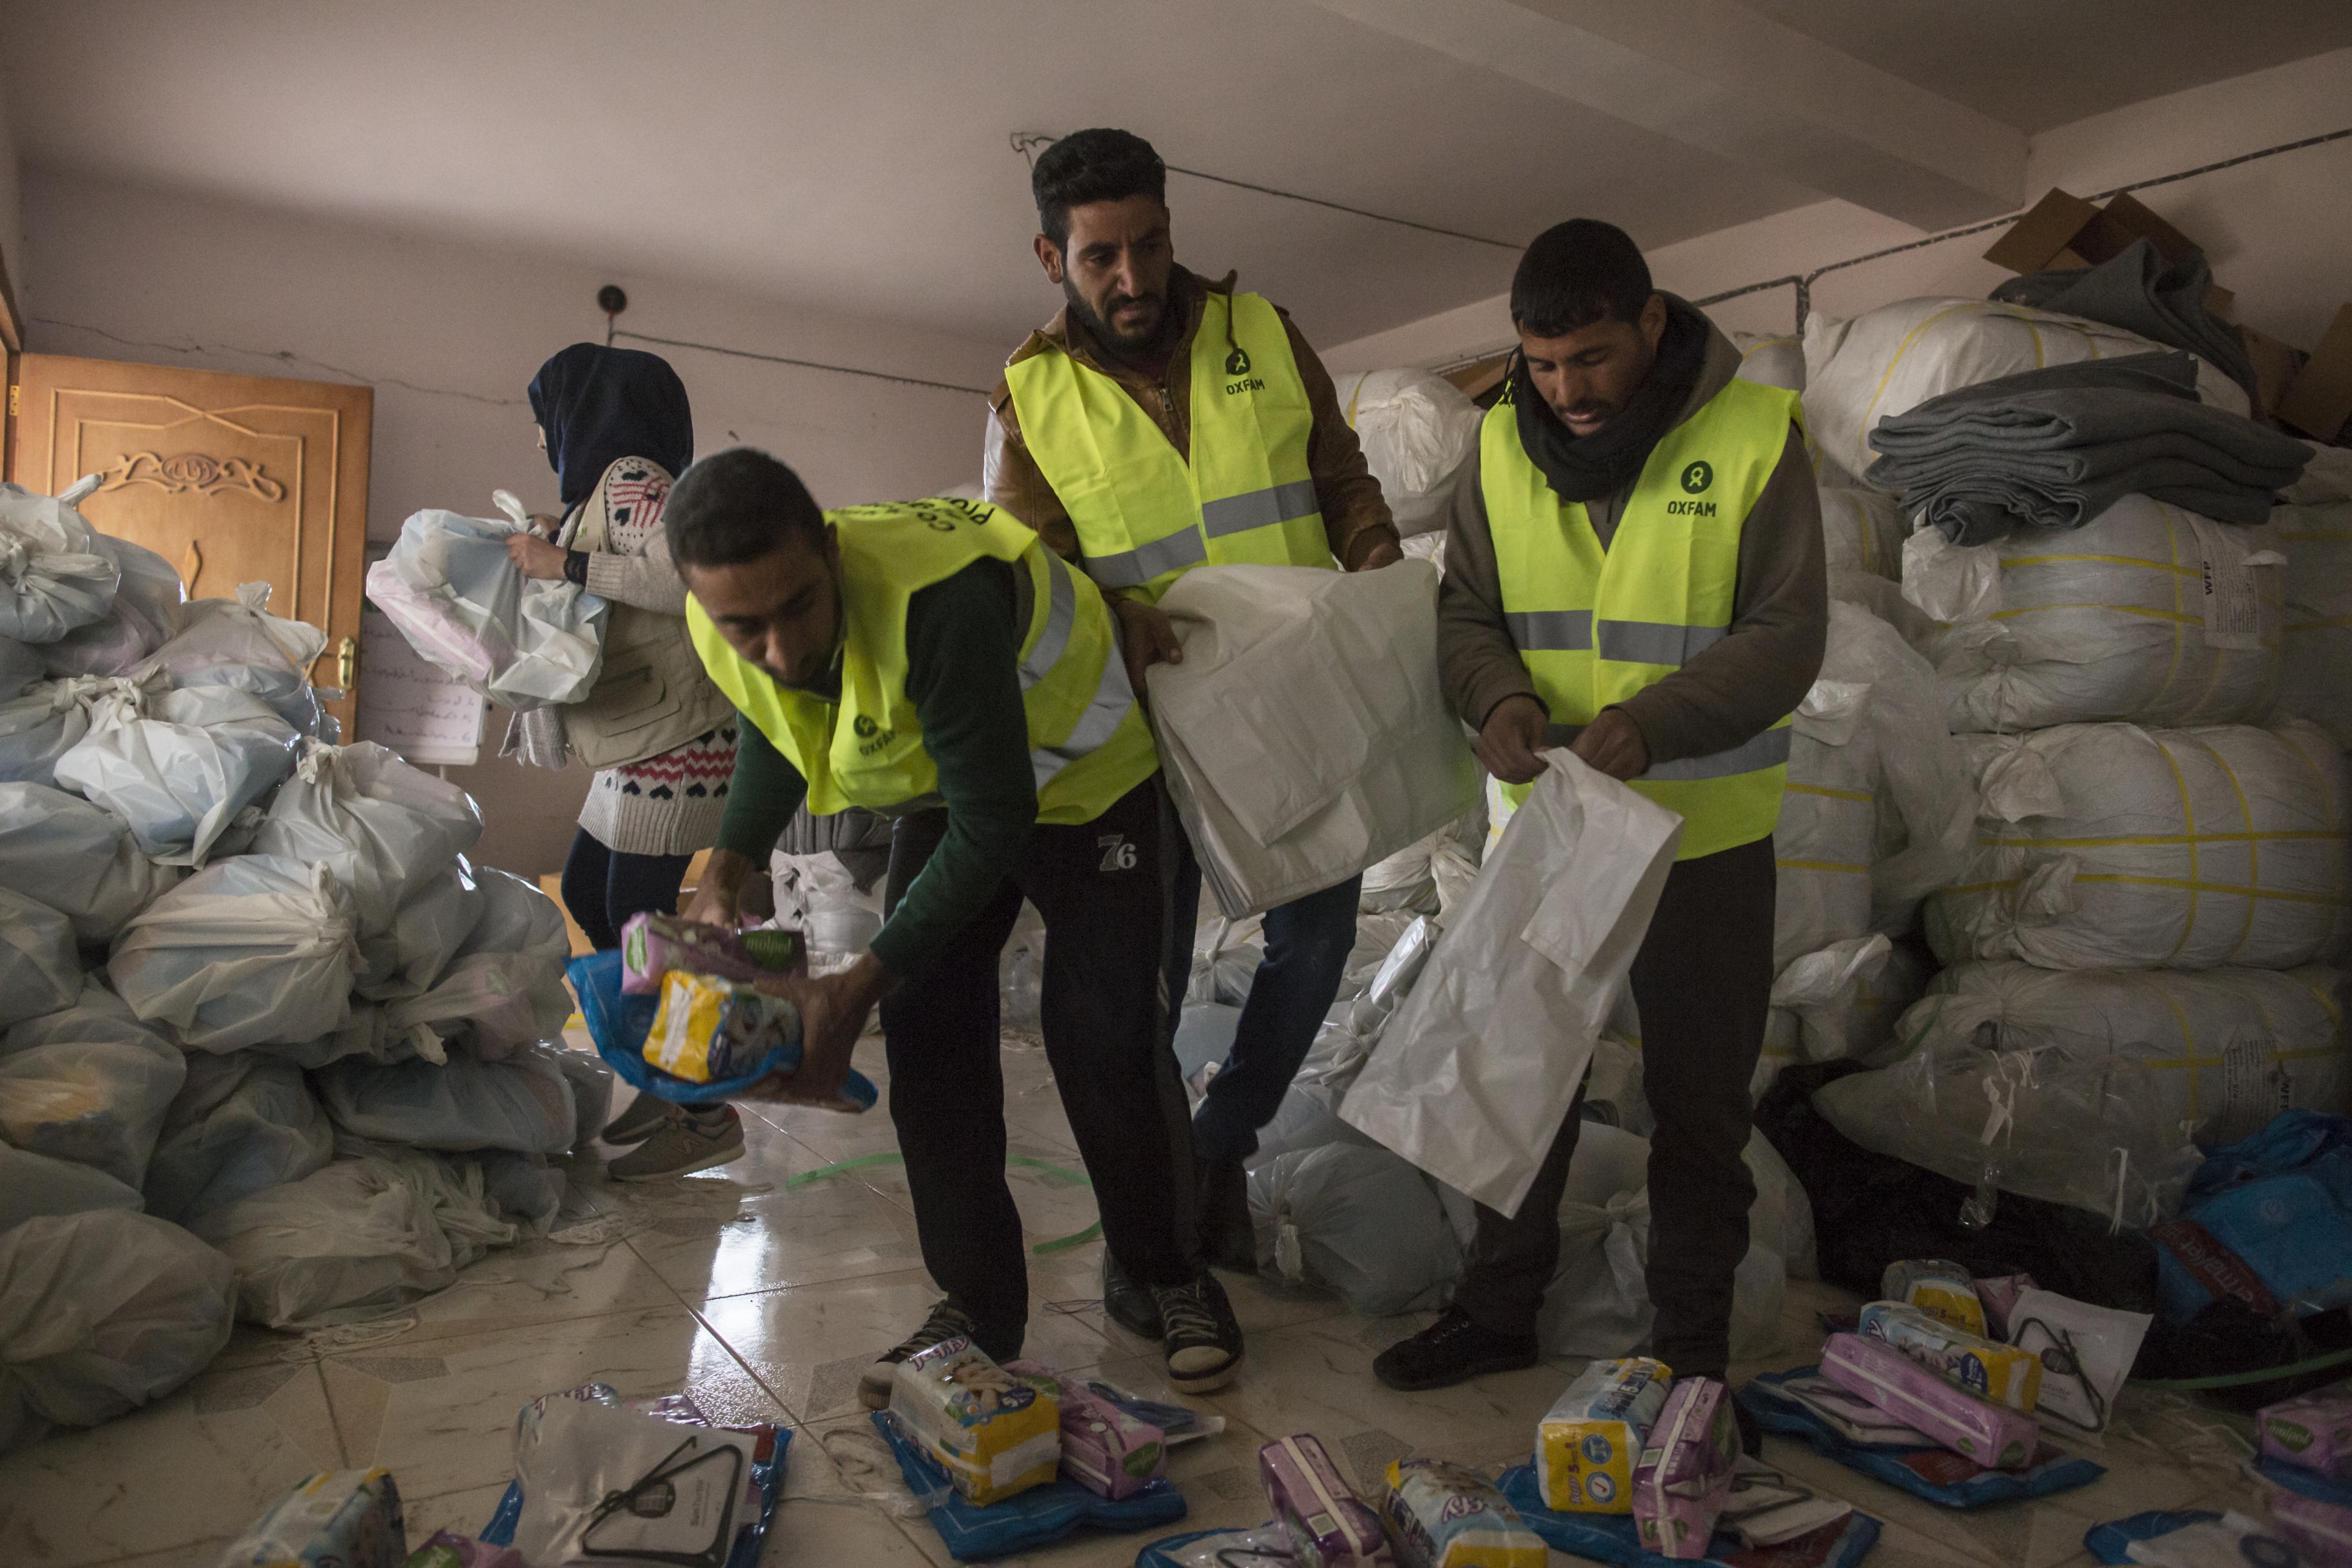 Drei Männder packen verschiedene Hilfsgüter in einem Plastiksack